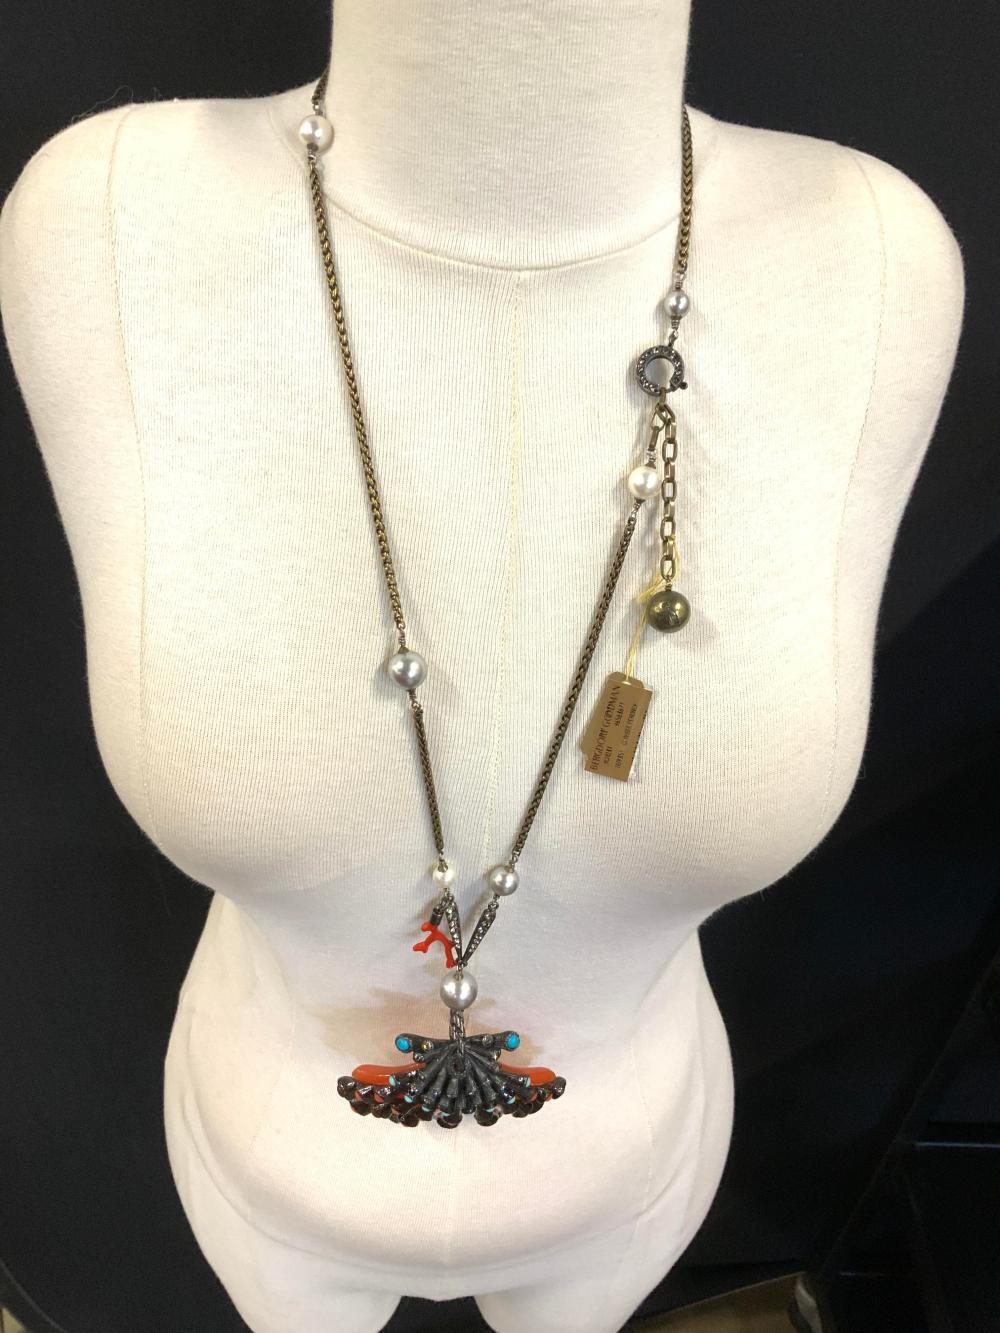 LANVIN PARIS Clam Pendant Necklace, w box